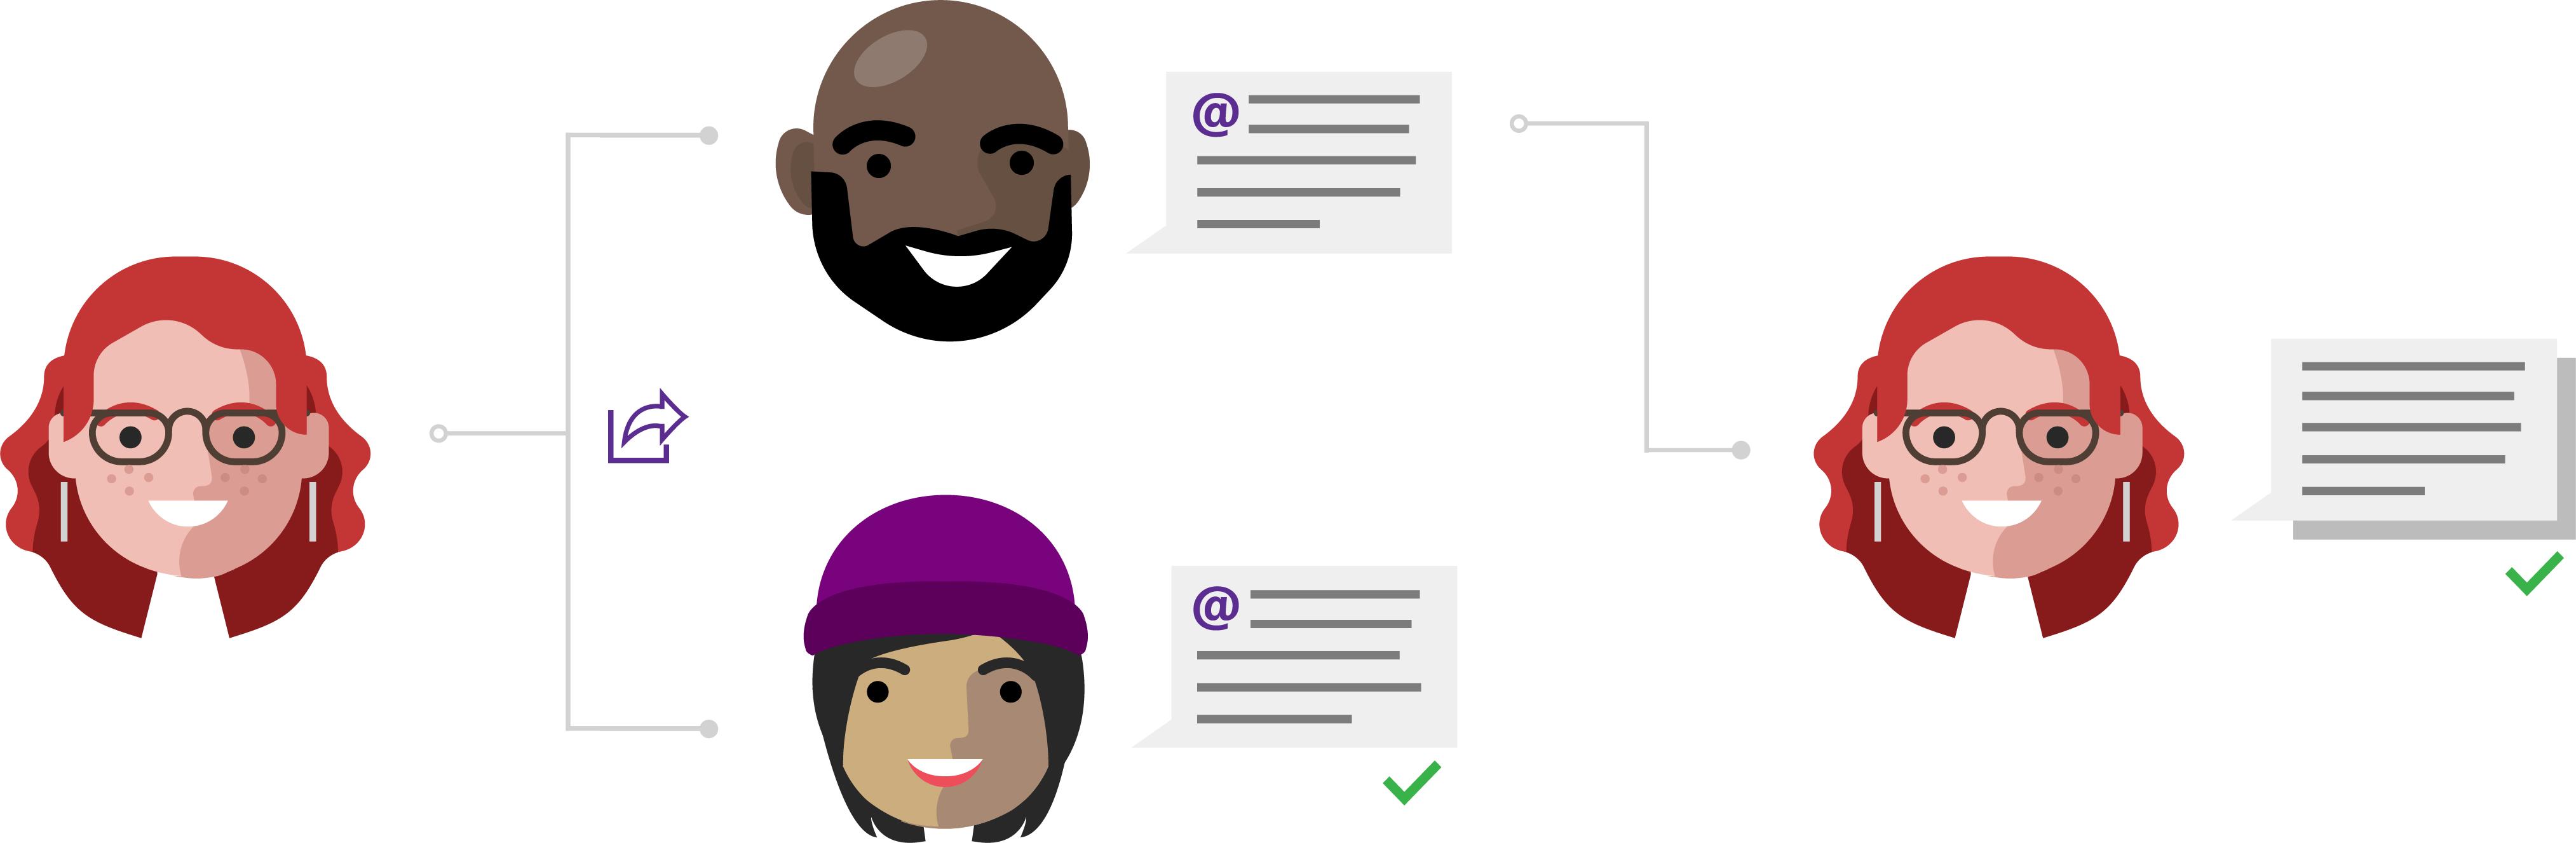 Lea acerca de la colaboración con comentarios